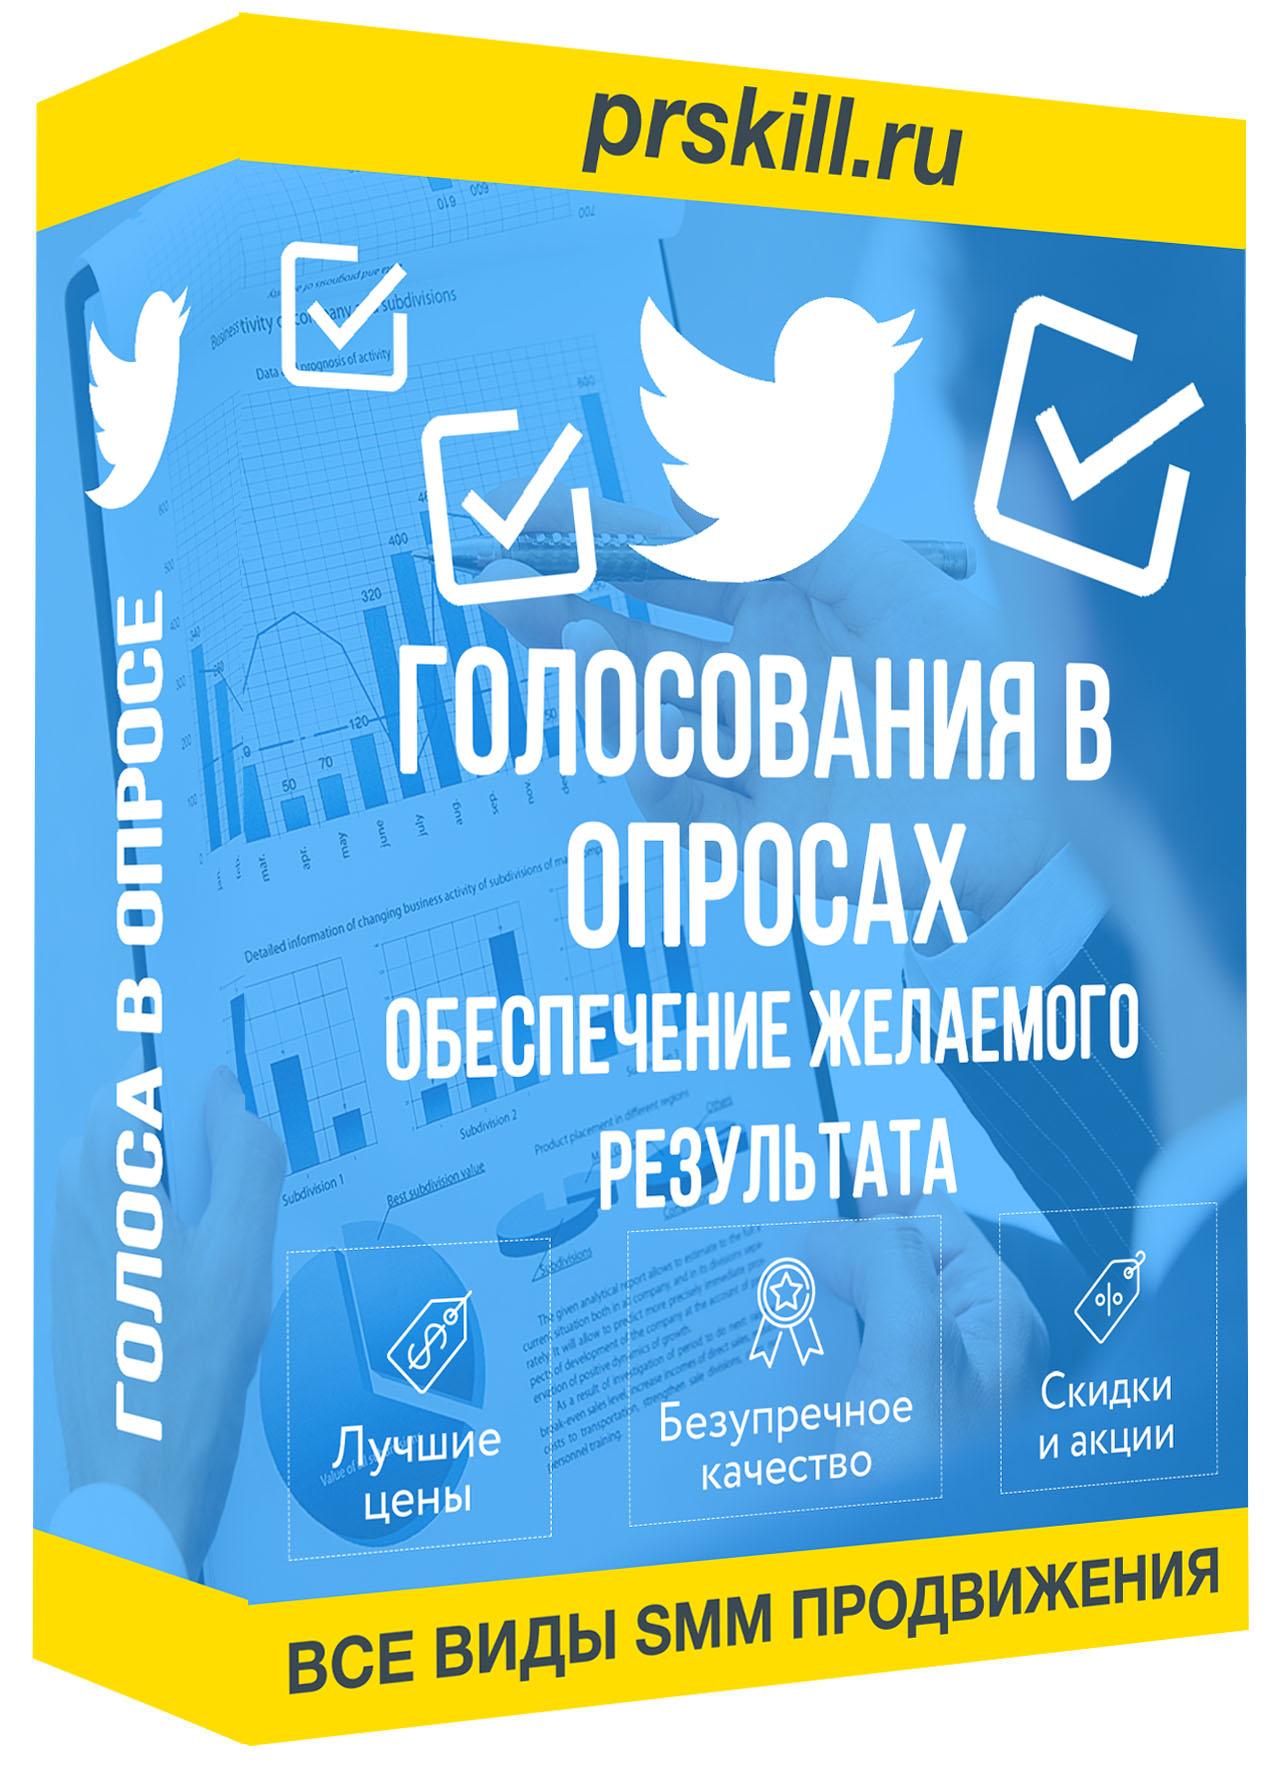 Какой лучше использовать сайт для накрутки голосов вконтакте?